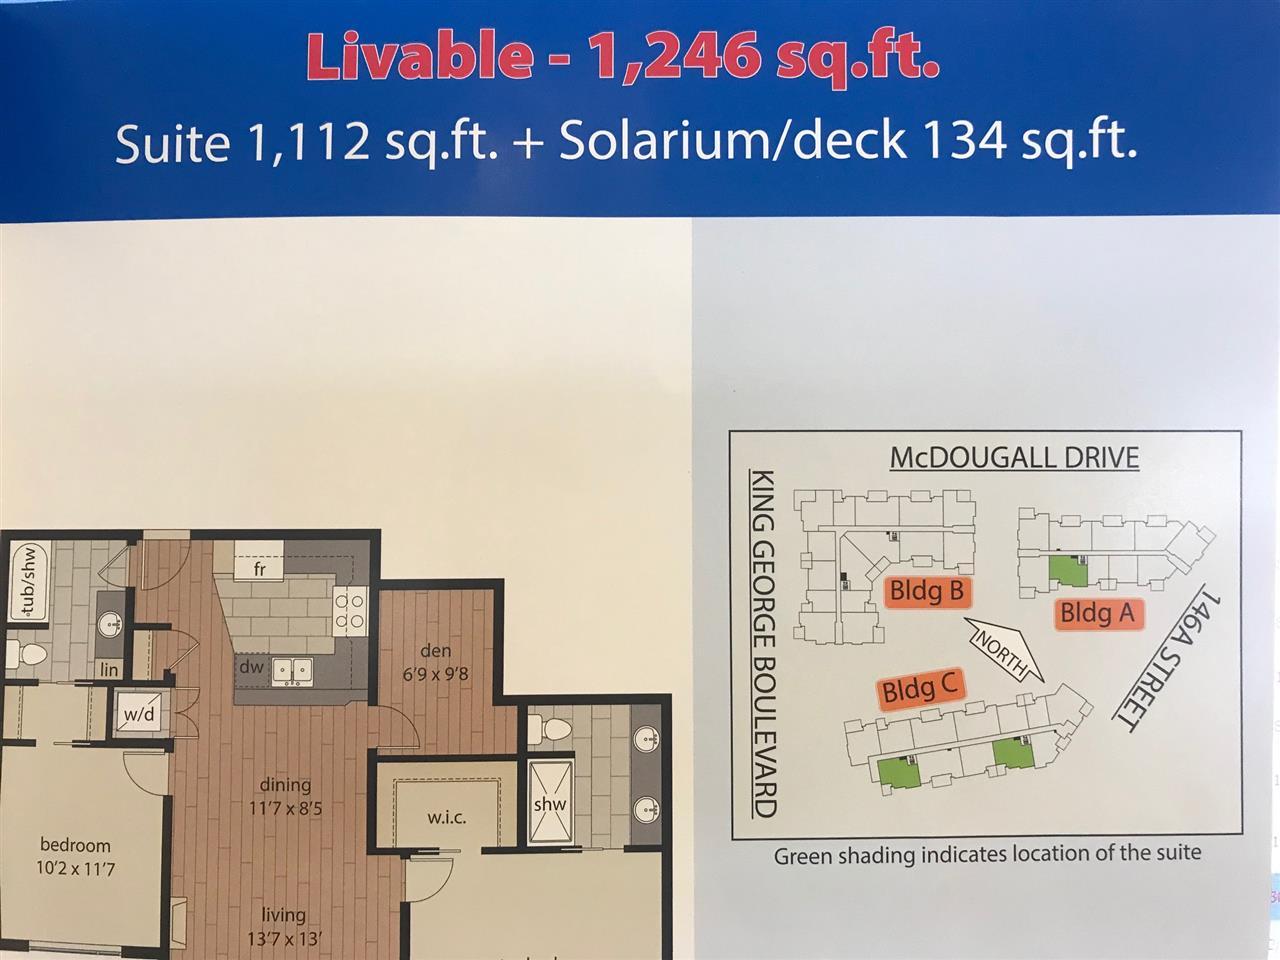 302 3535 146A STREET - MLS® # R2375221